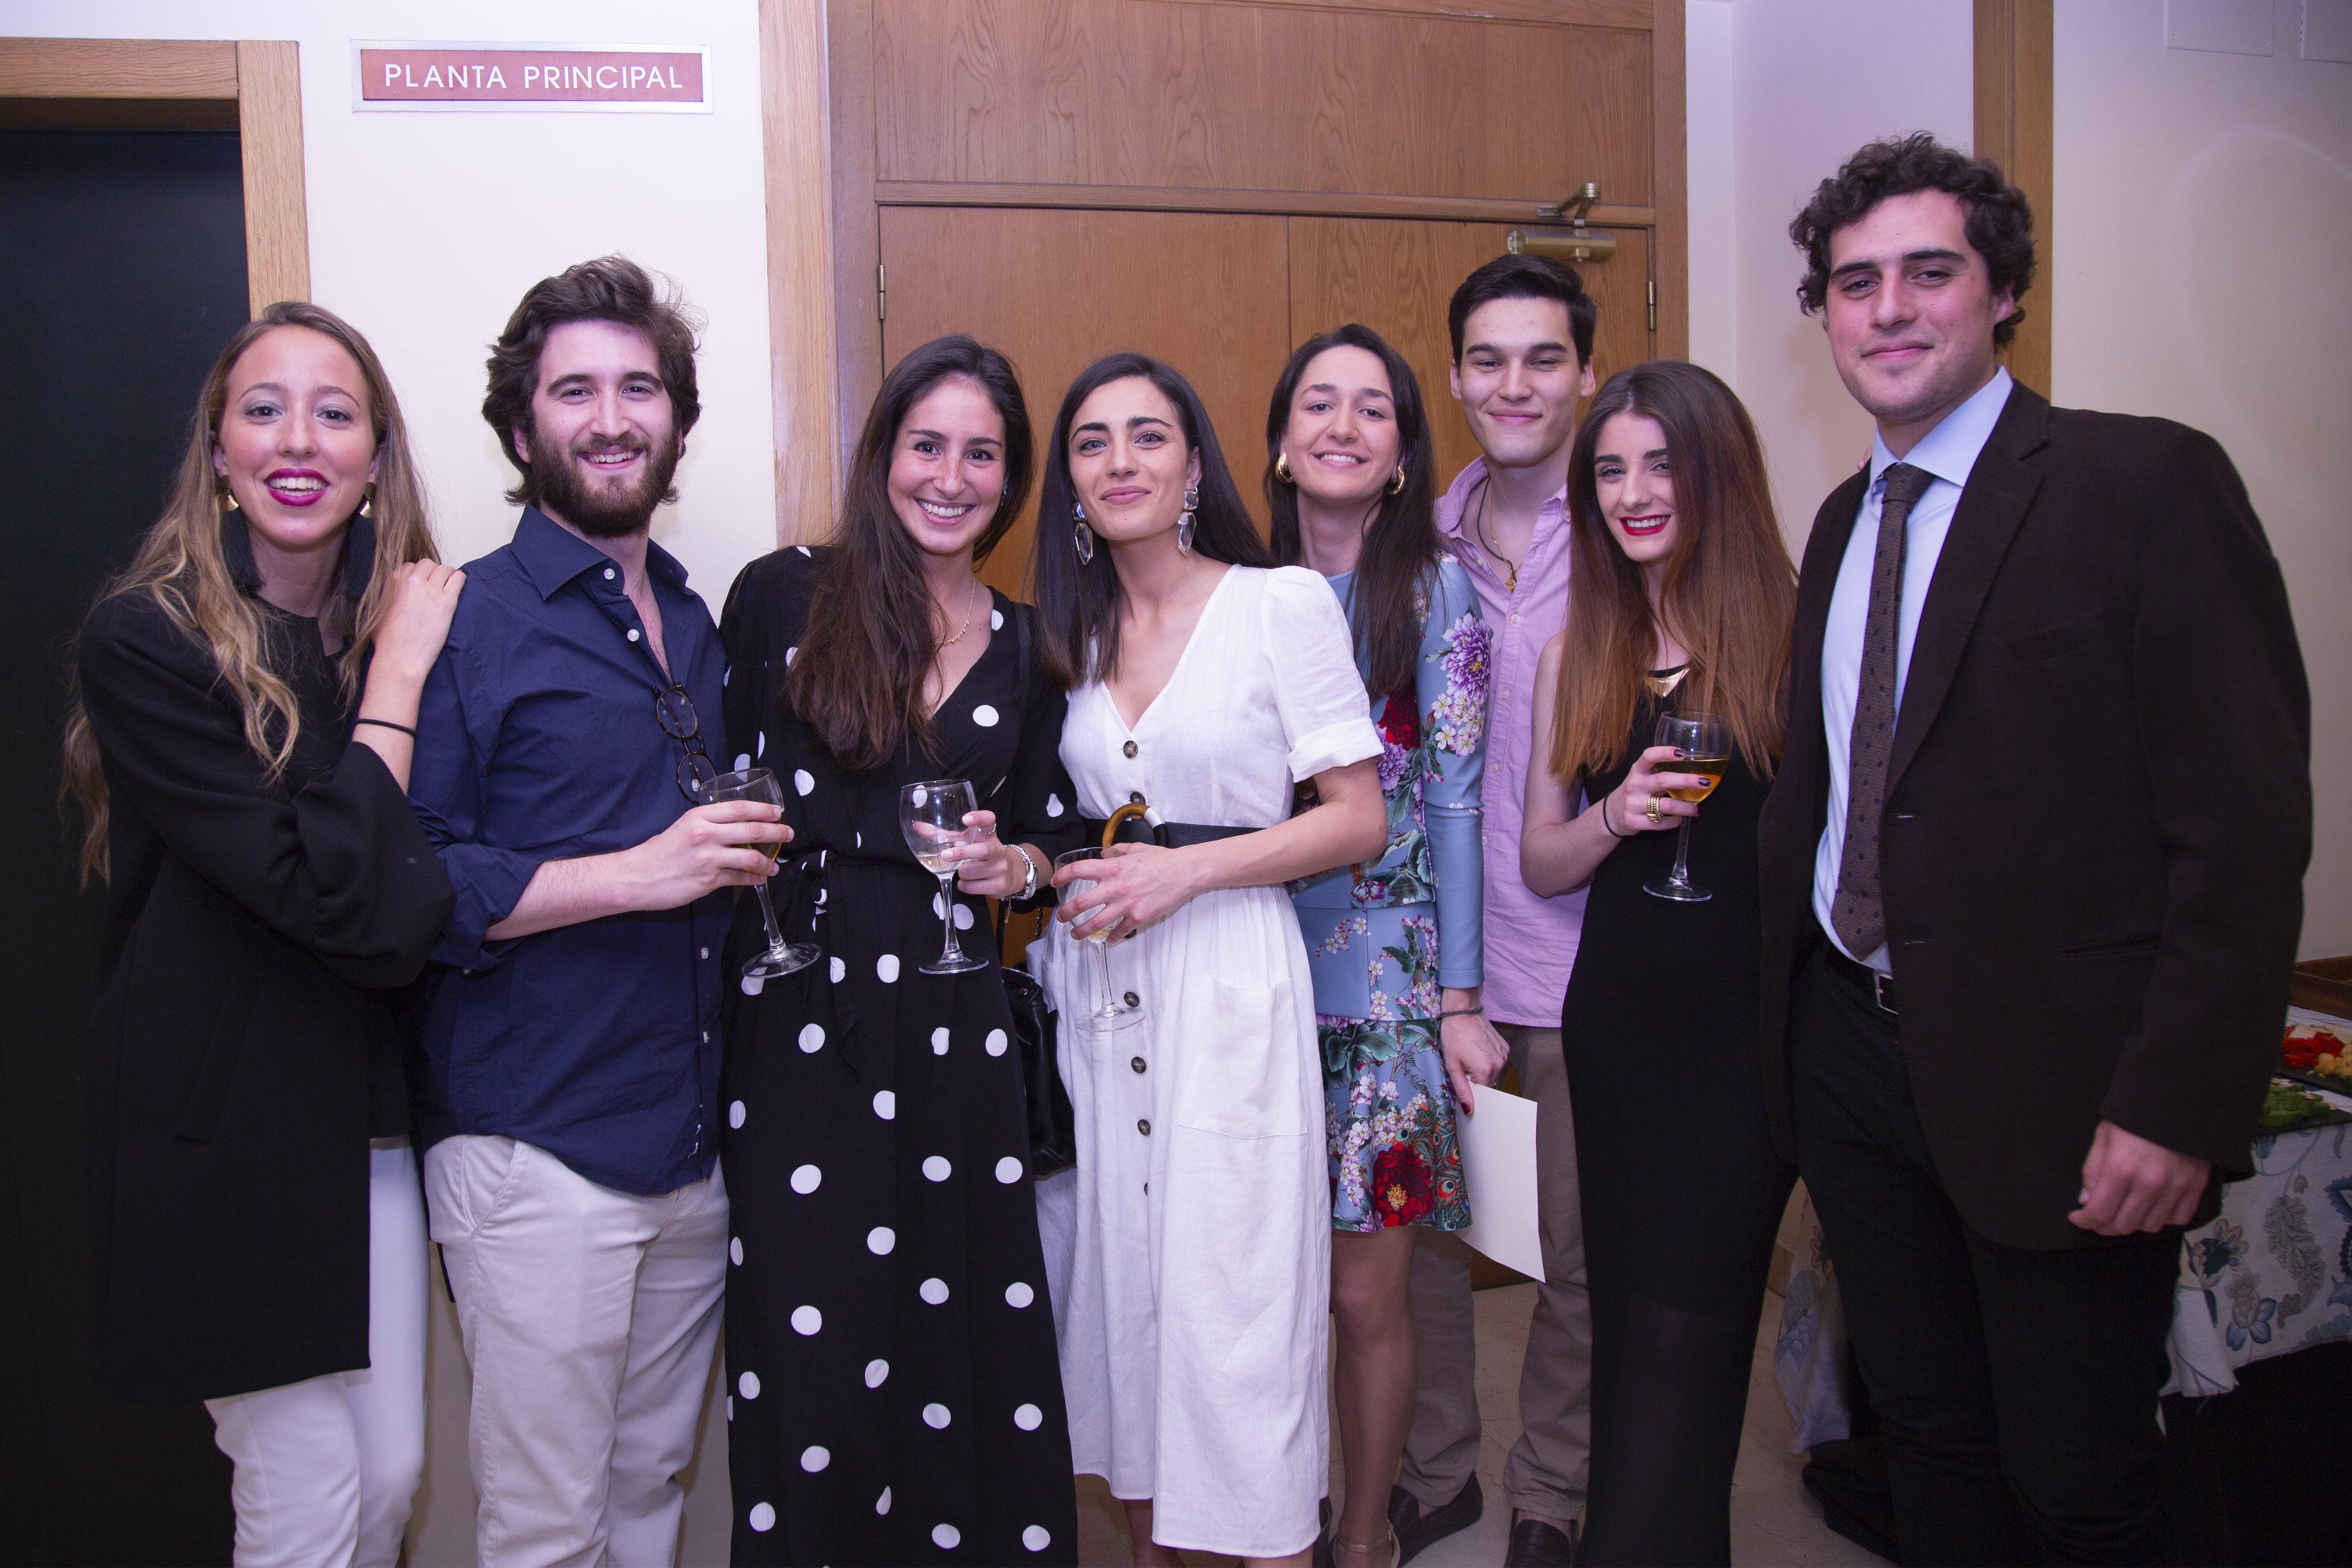 Familiares de los alumnos durante el cocktail